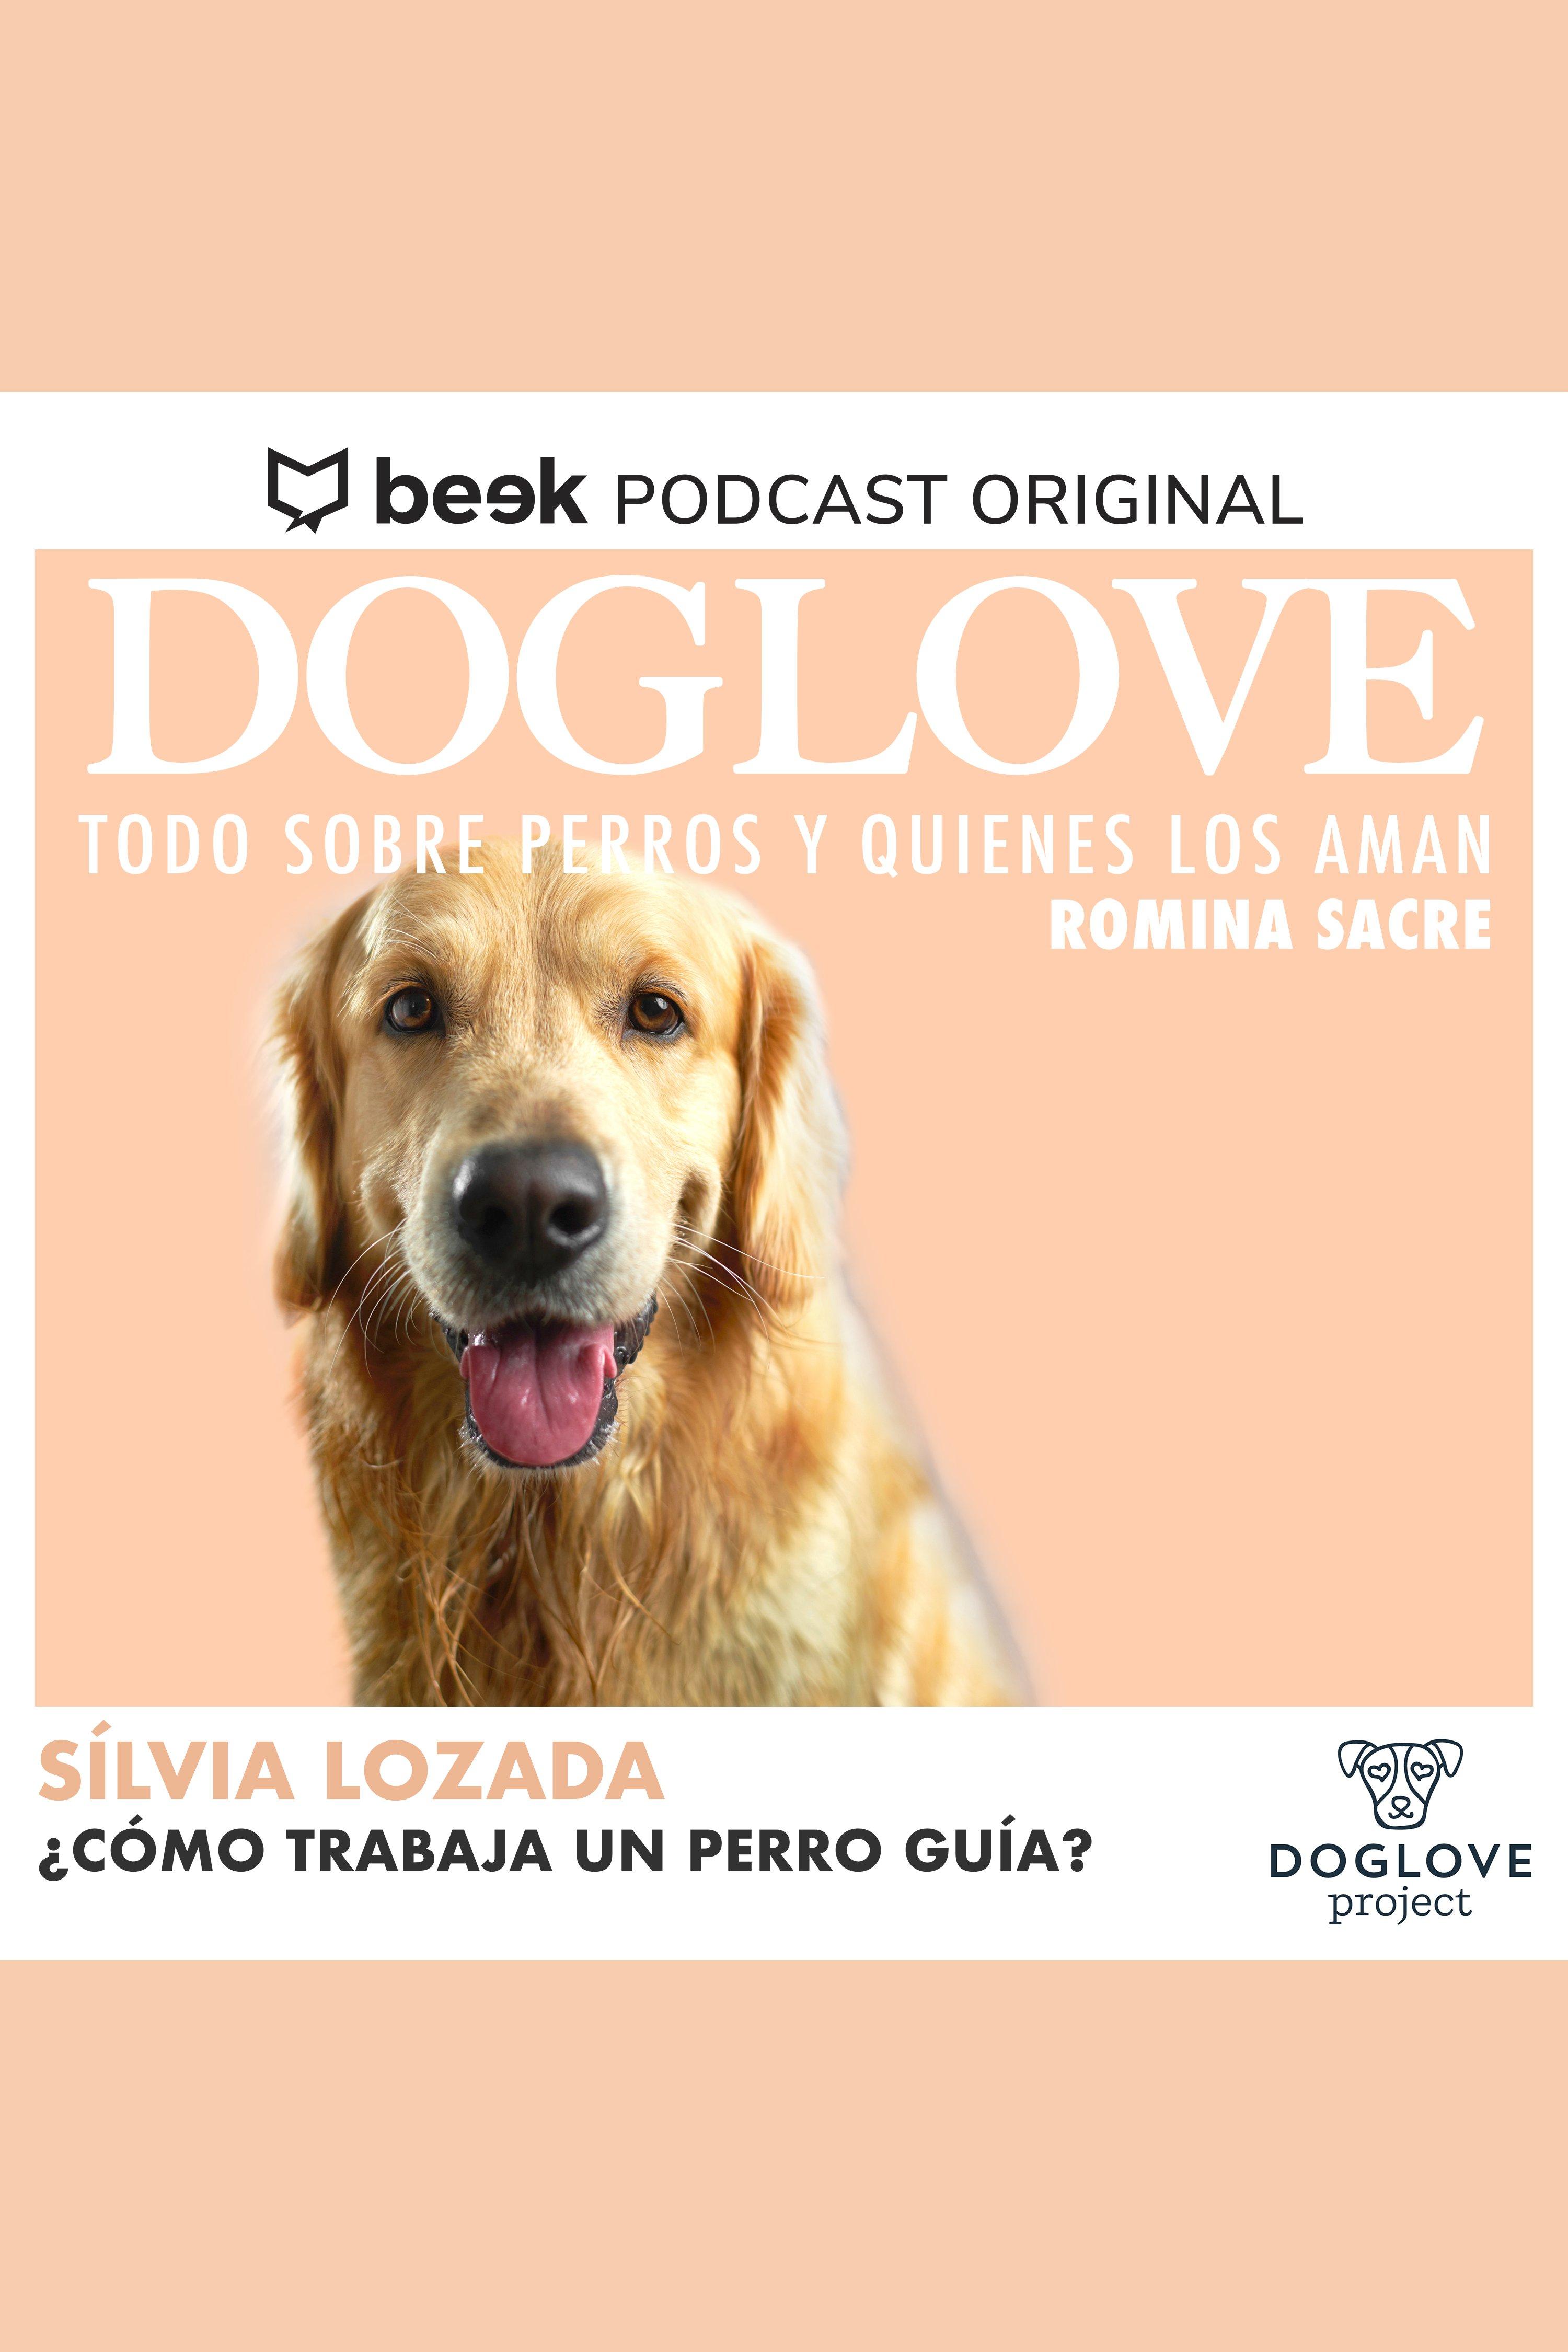 Esta es la portada del audiolibro ¿Cómo trabaja un perro guía? Con Silvia Lozada